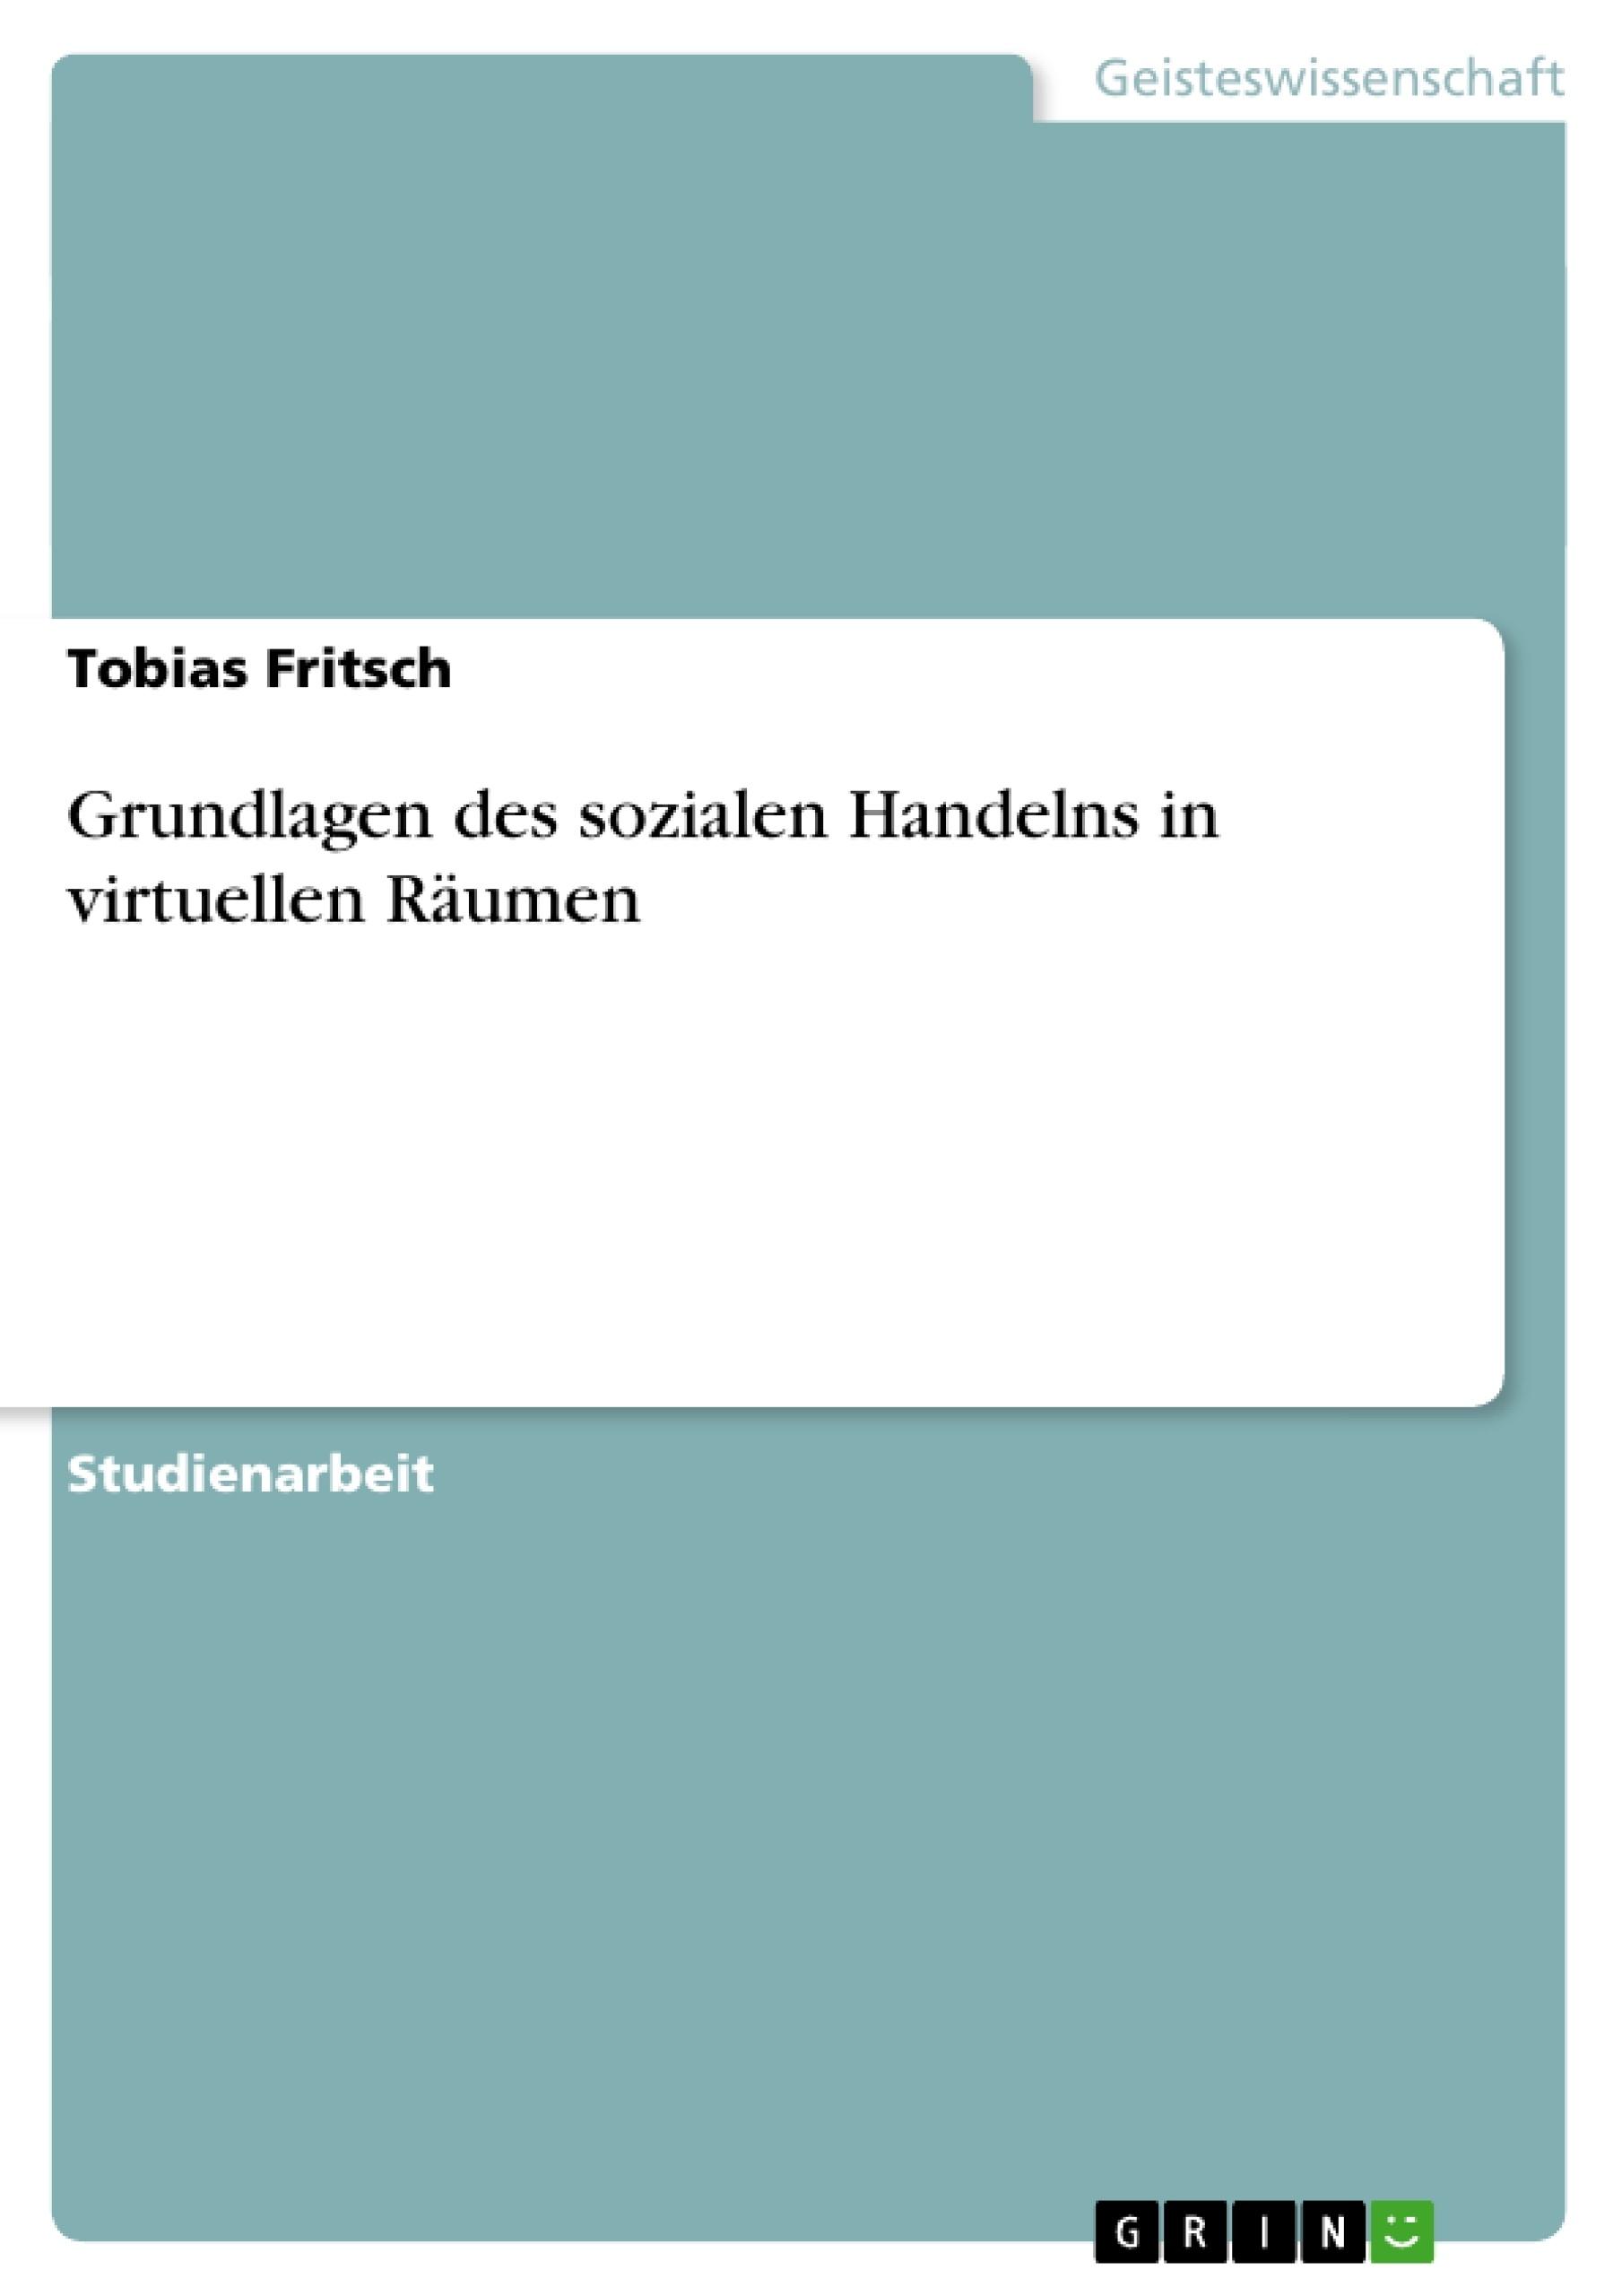 Titel: Grundlagen des sozialen Handelns in virtuellen Räumen